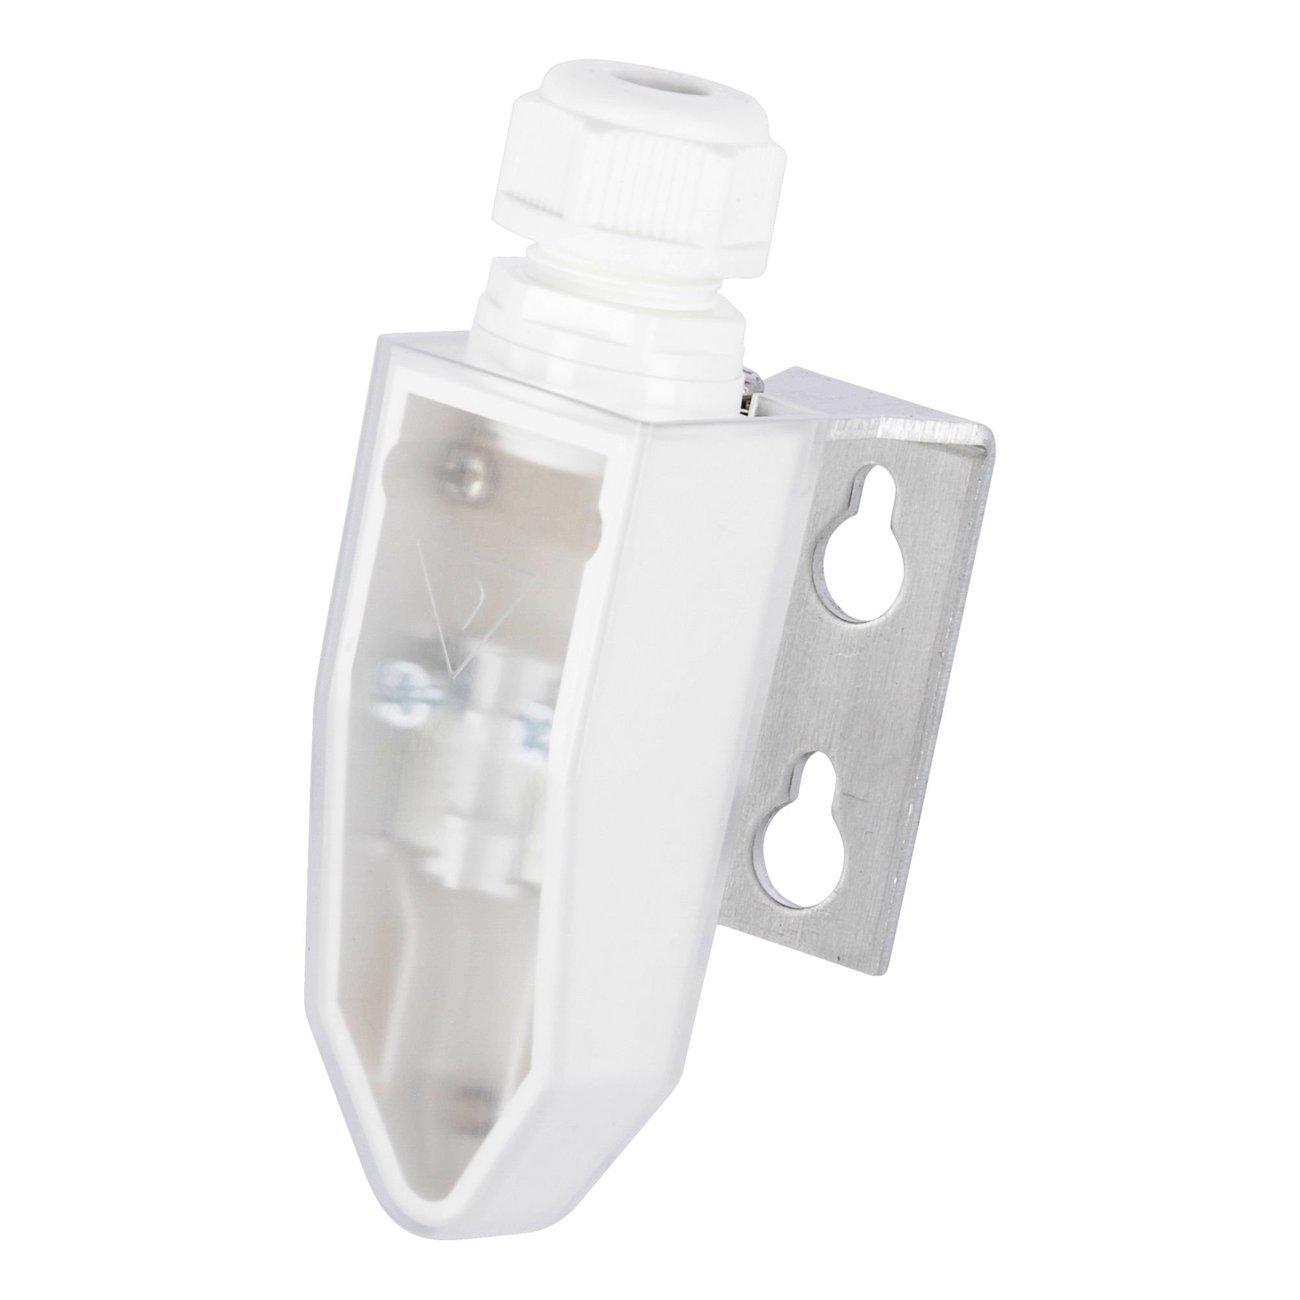 Kerbl Steuerung für LED Hallen Beleuchtung, Sensor für LED Lichtsteuerung